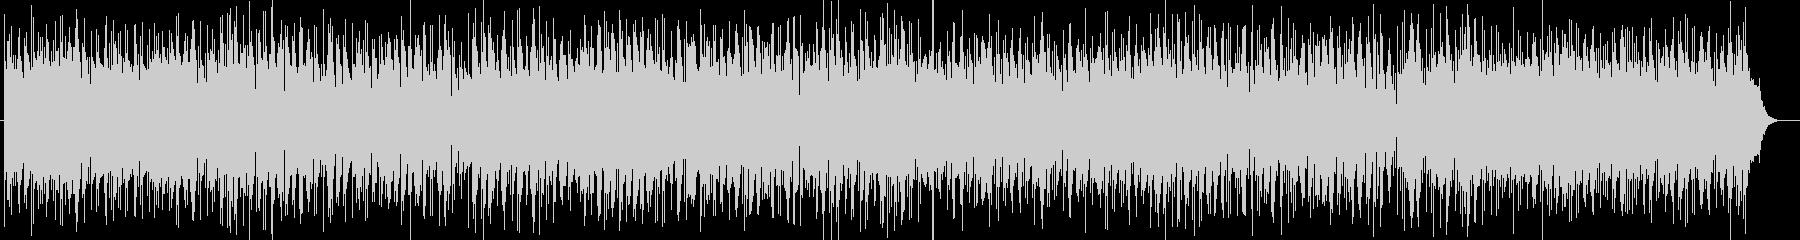 ピアノ音の愛らしく軽快なポップスの未再生の波形